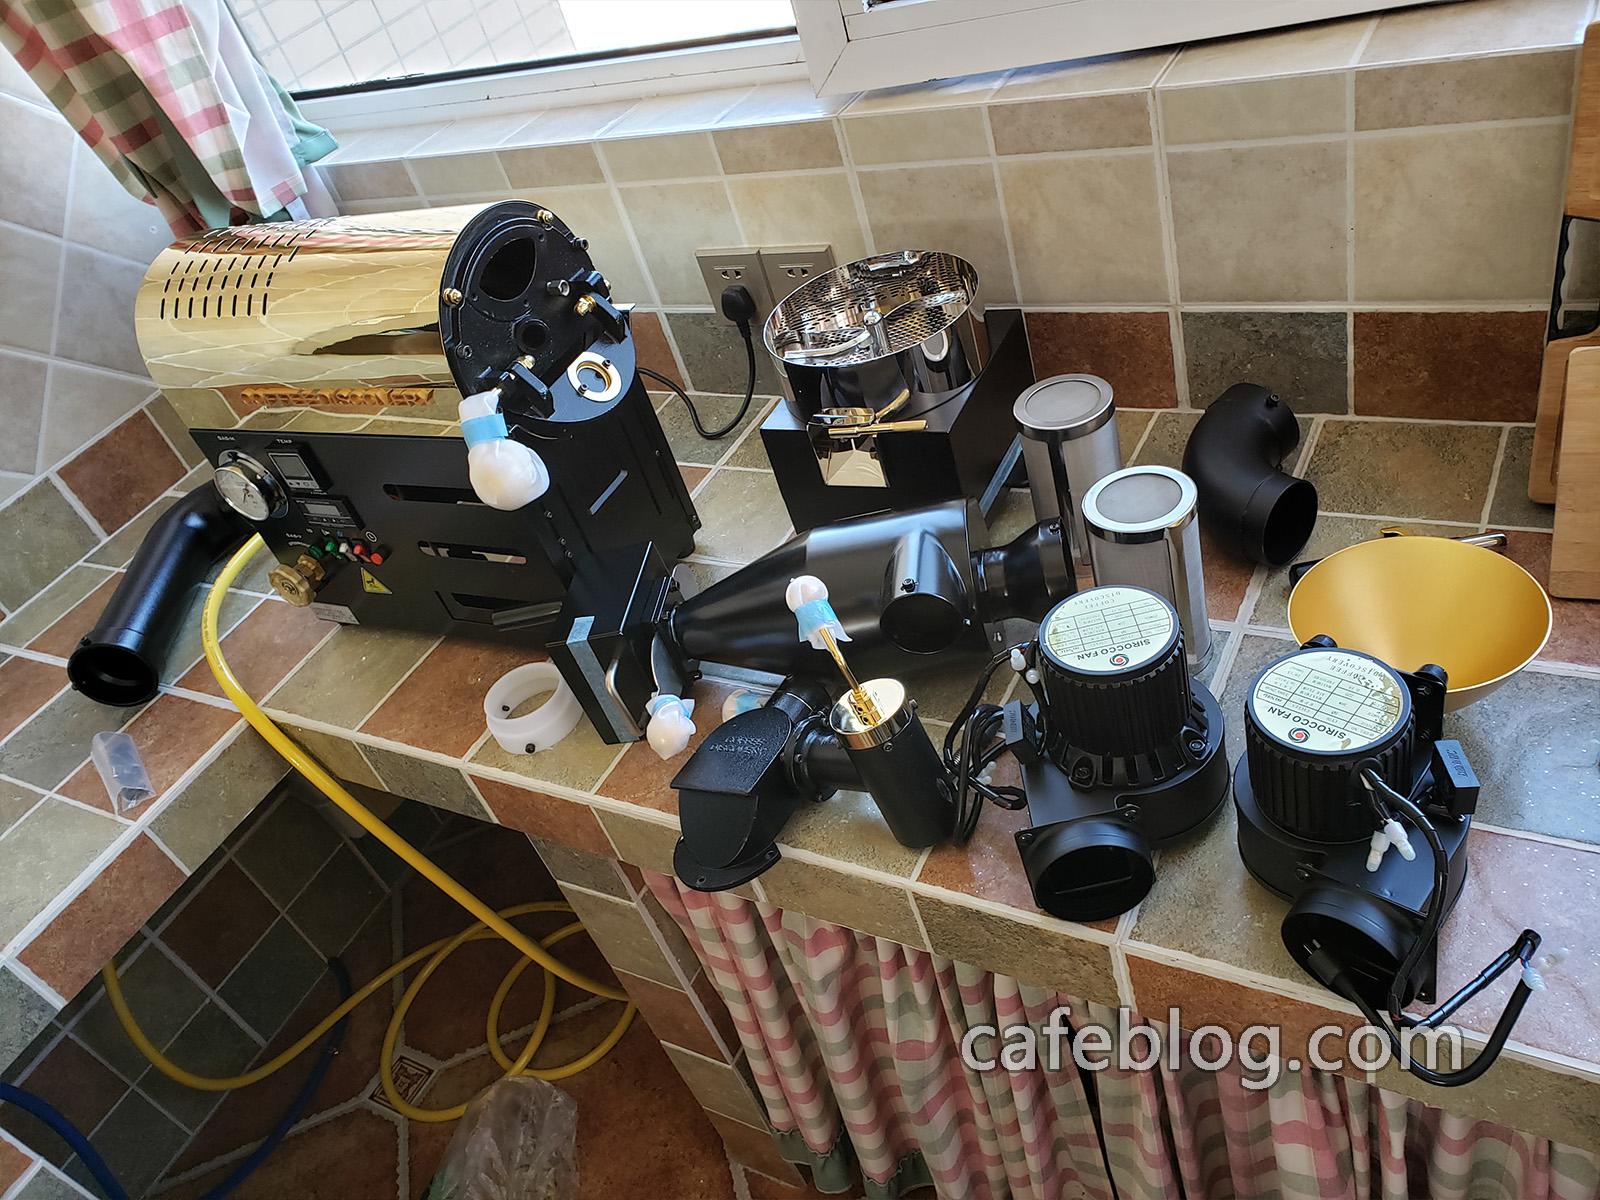 开始安装DISCOVERY咖啡烘焙机。